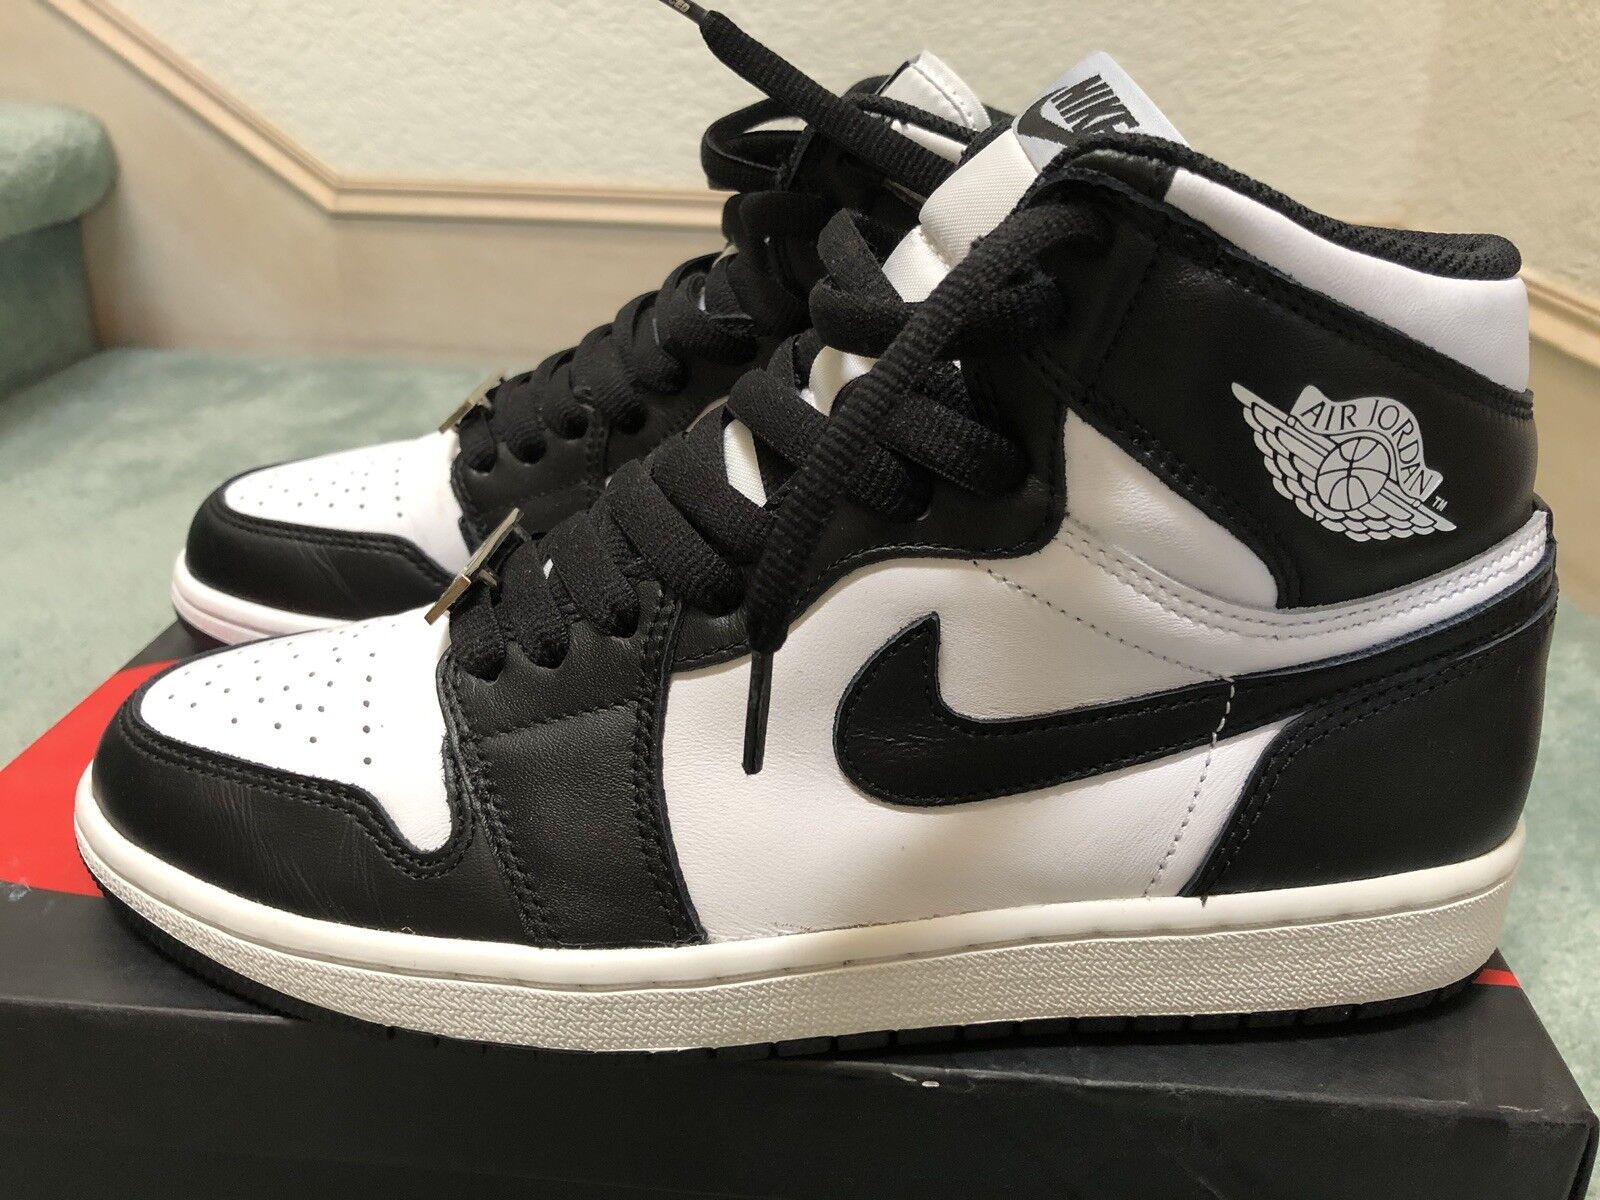 Nike Air Jordan 1 Retro High OG Black White Size 8.5 Mens Oreo